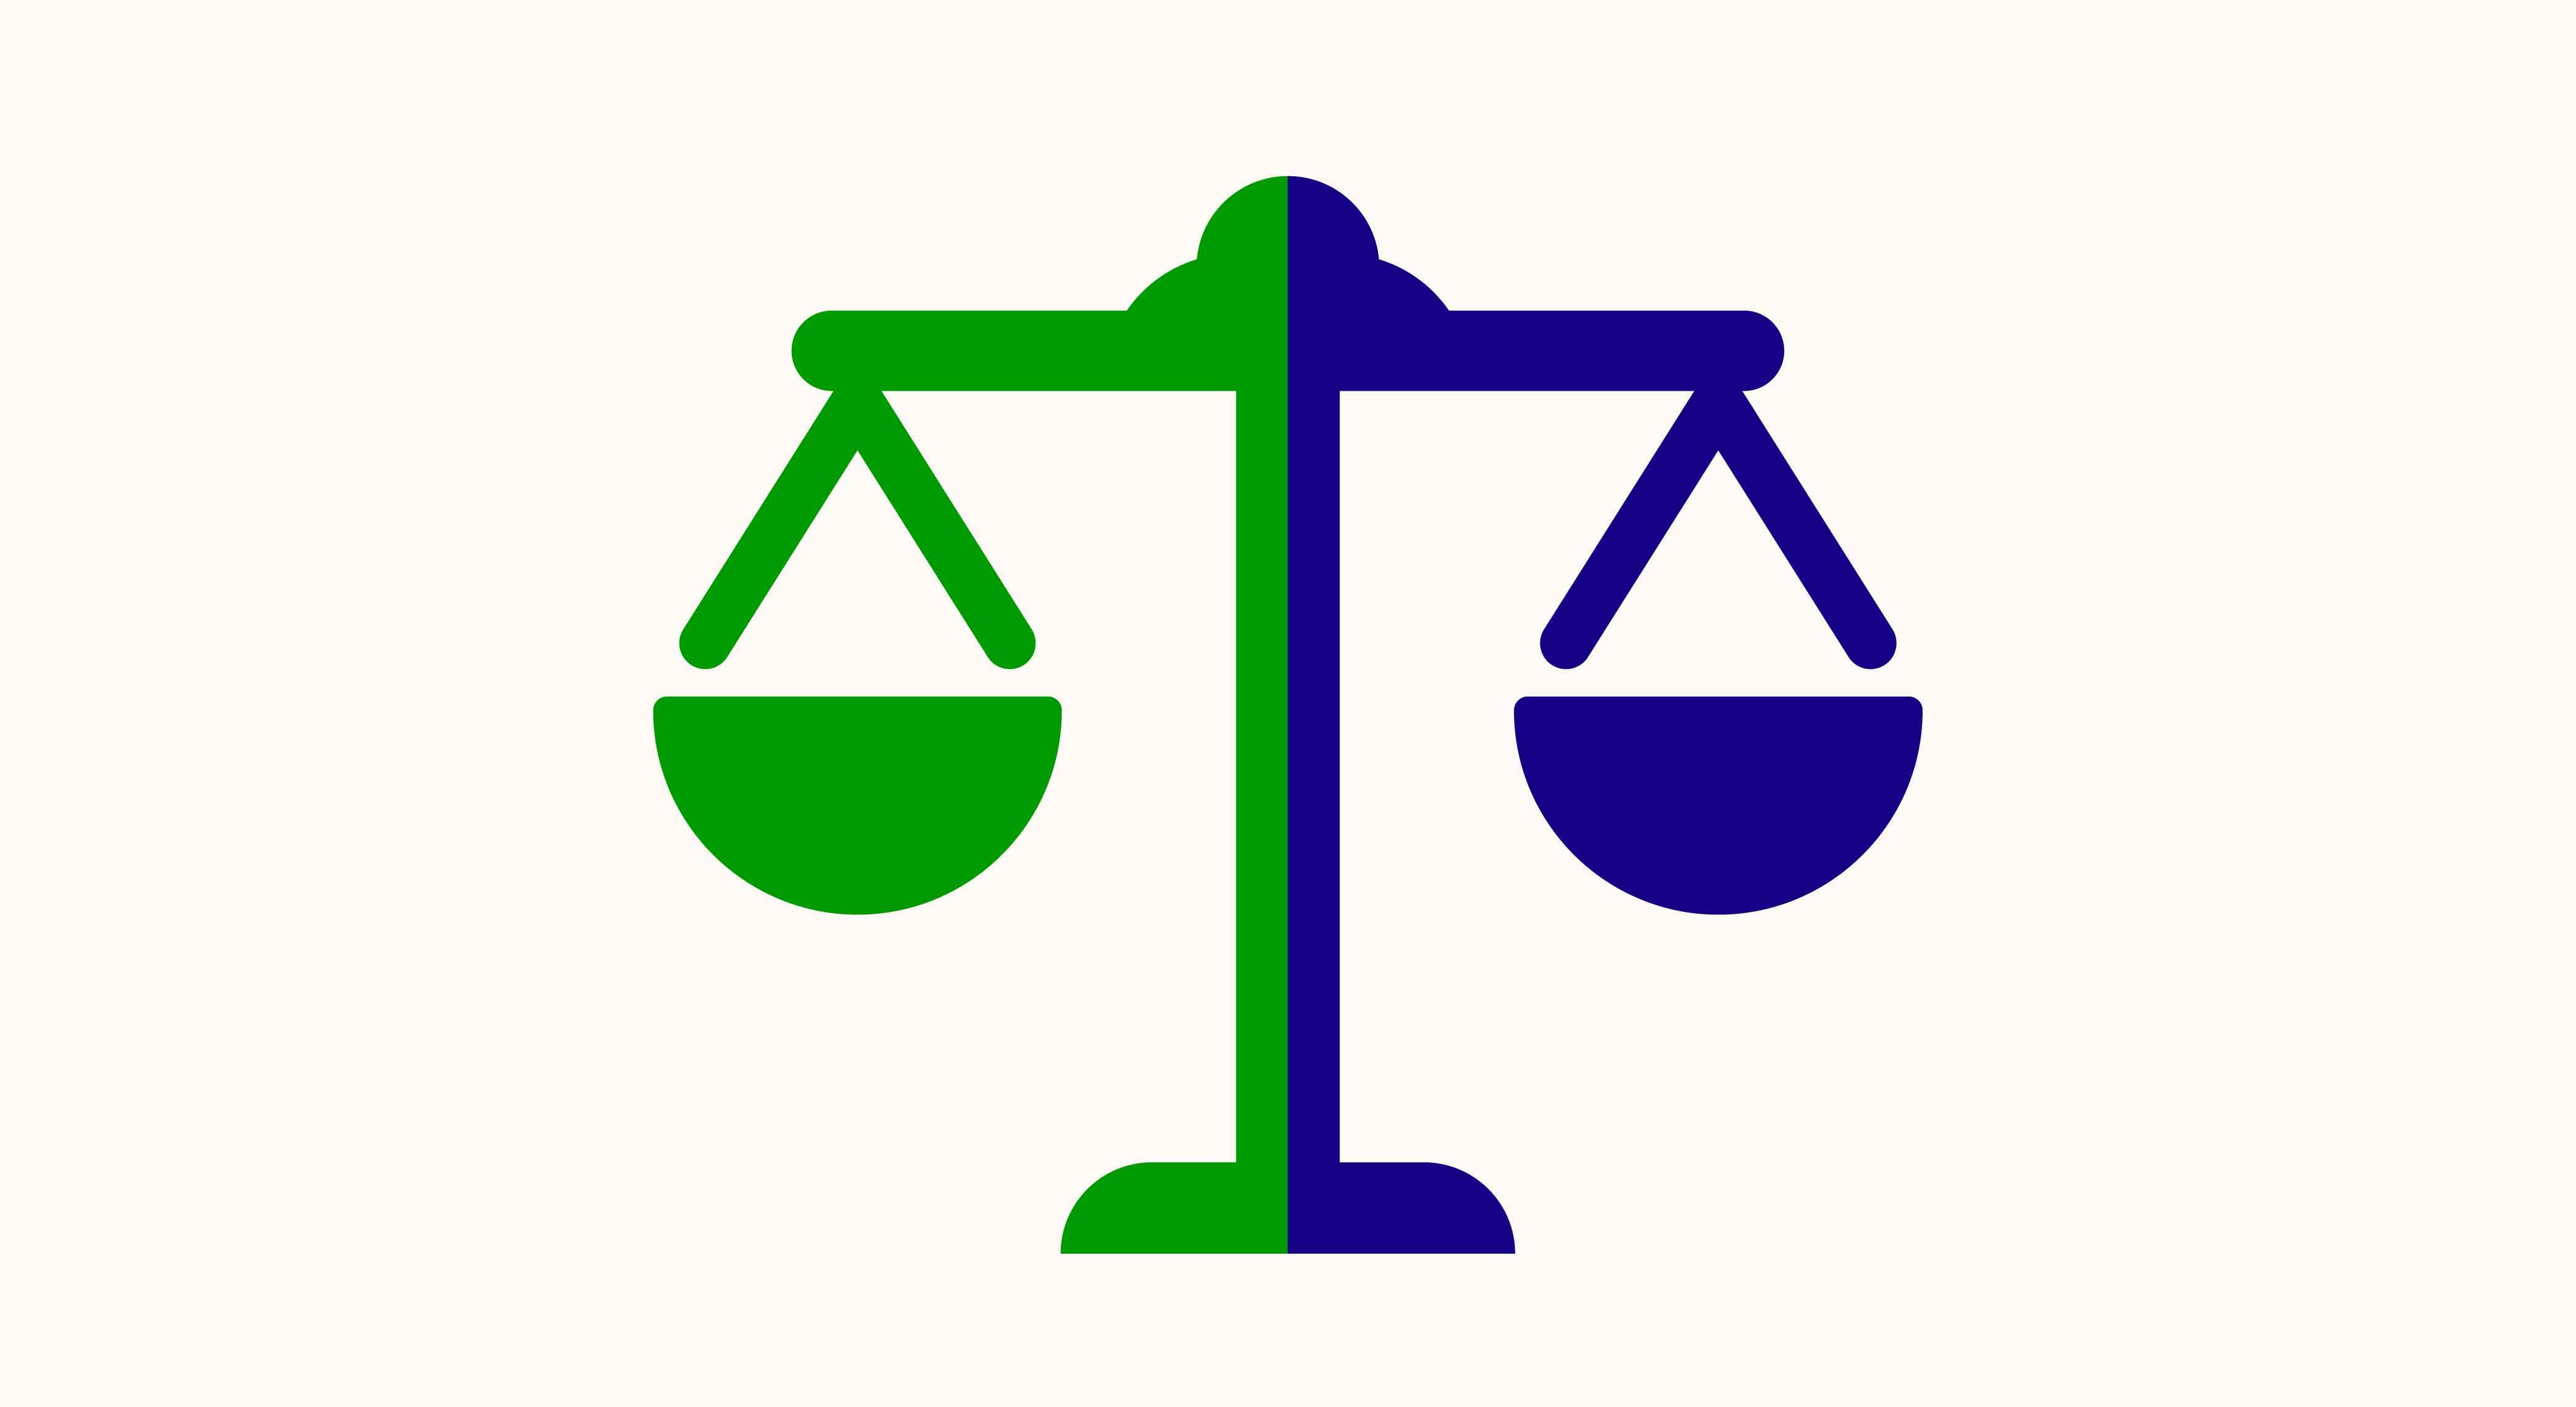 在民眾眼中,法院往往被染上政治色彩。這是錯誤的偏見、抑或是真實情形?就用客觀的實證研究來驗證。圖│研之有物